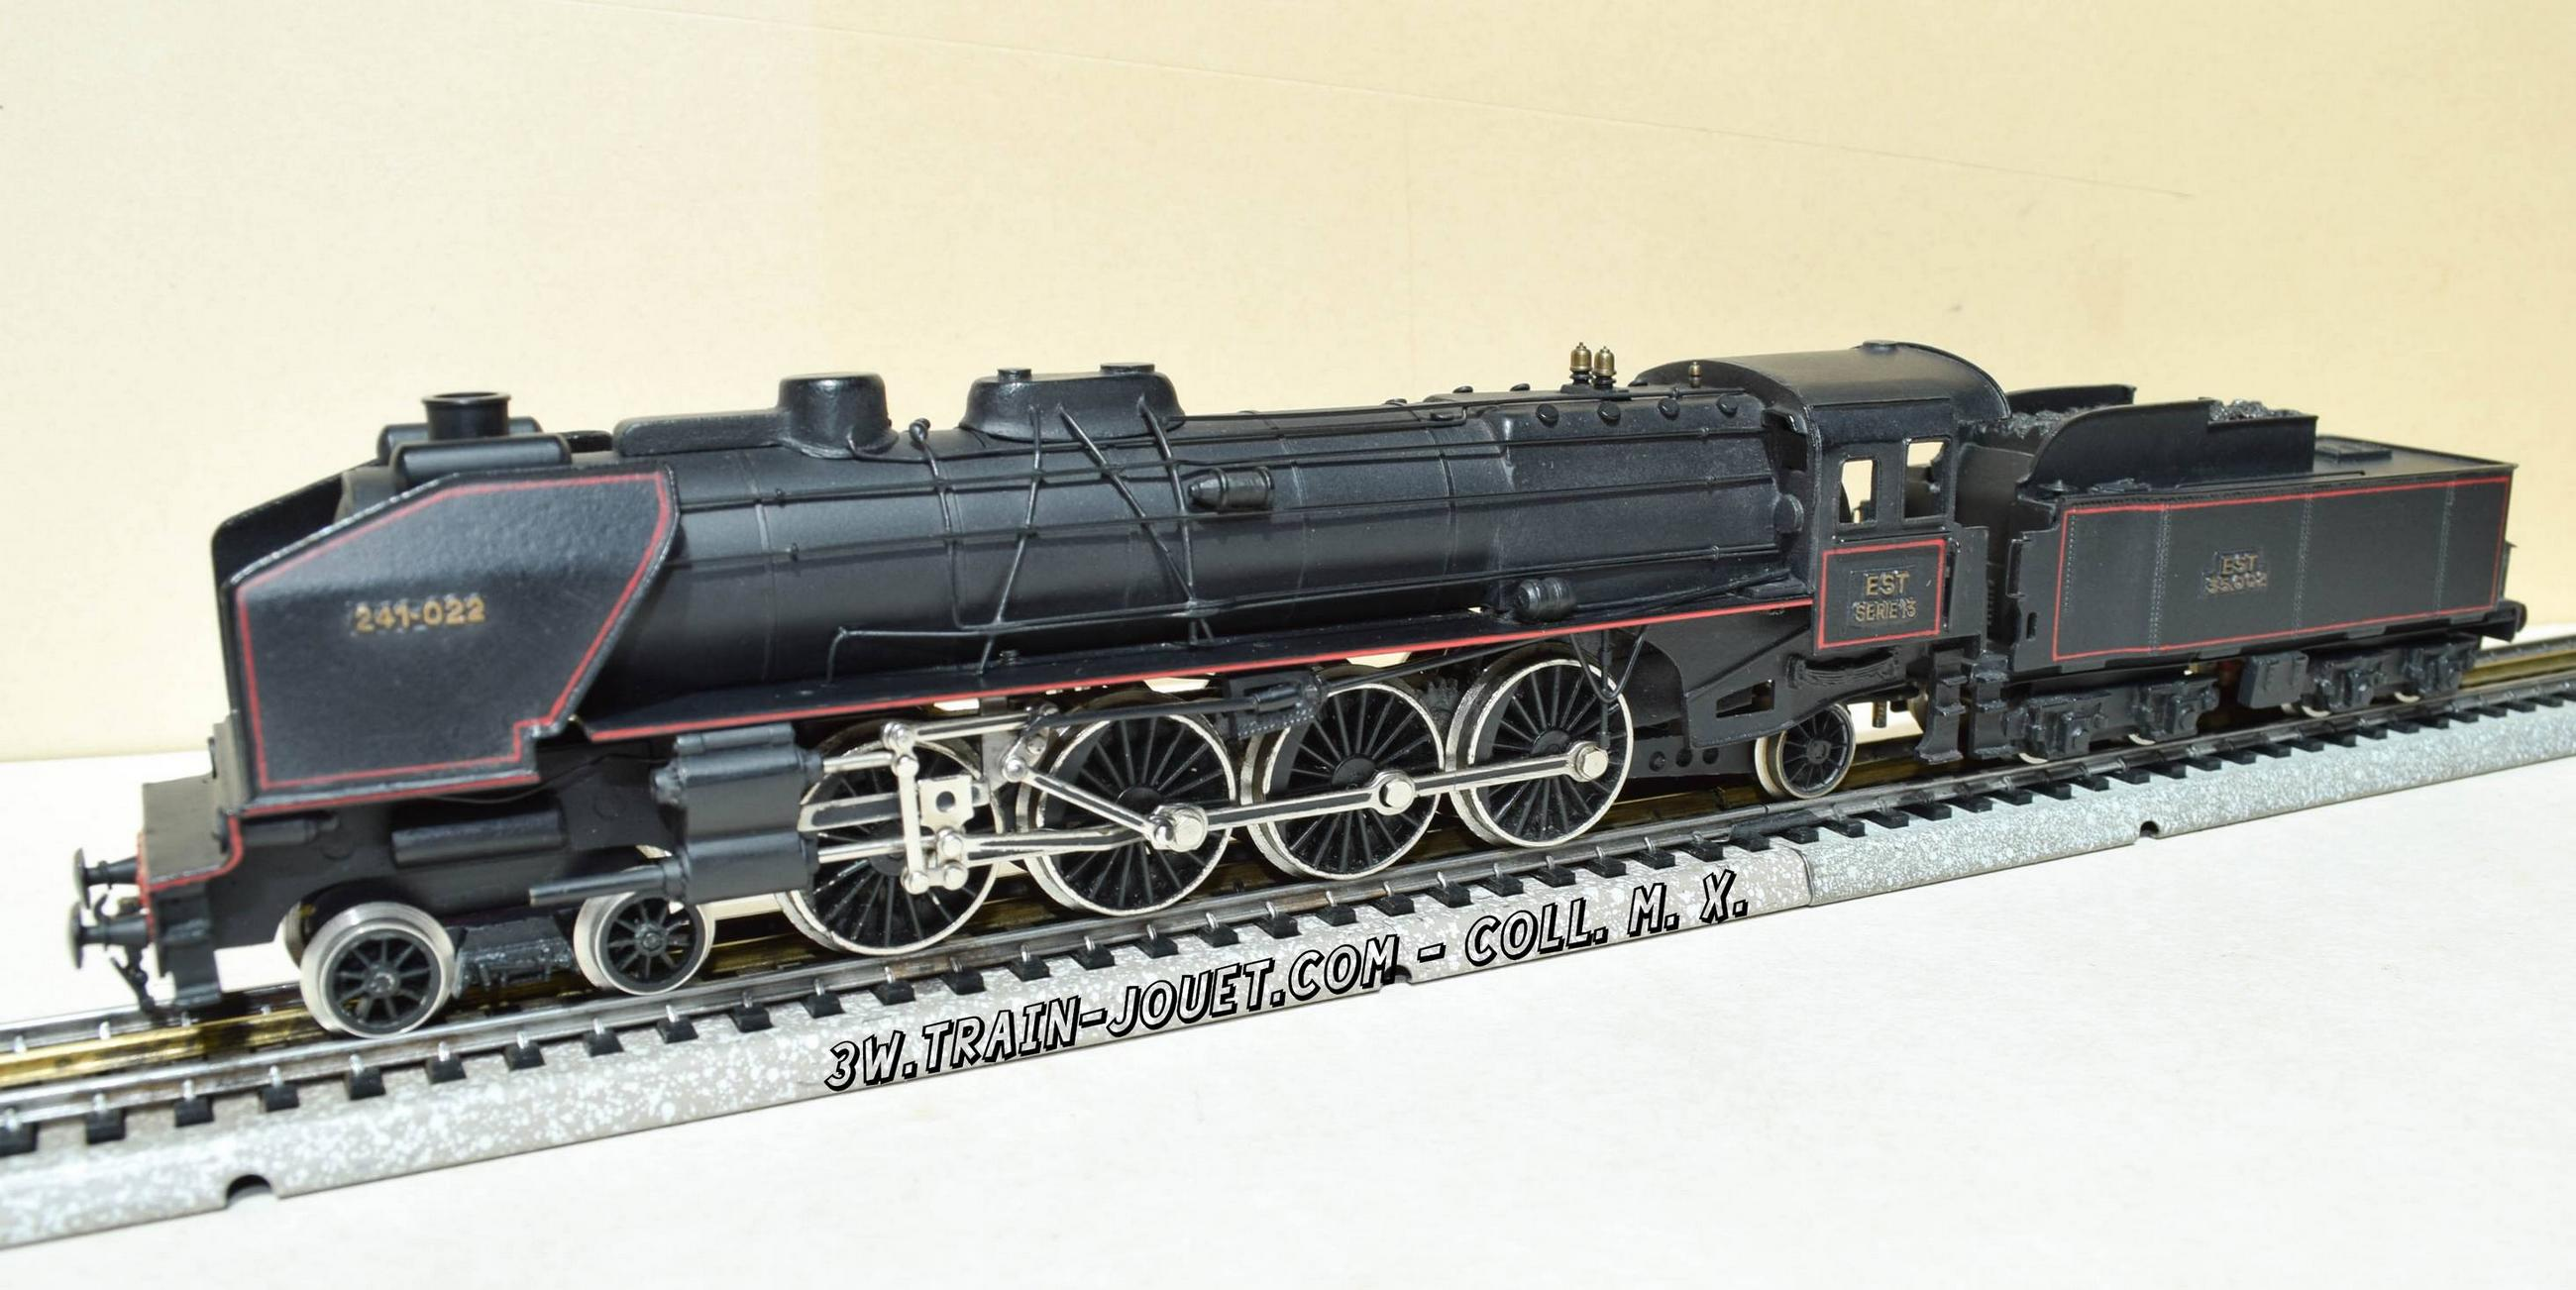 maison des trains locomotives en bronze superbe. Black Bedroom Furniture Sets. Home Design Ideas